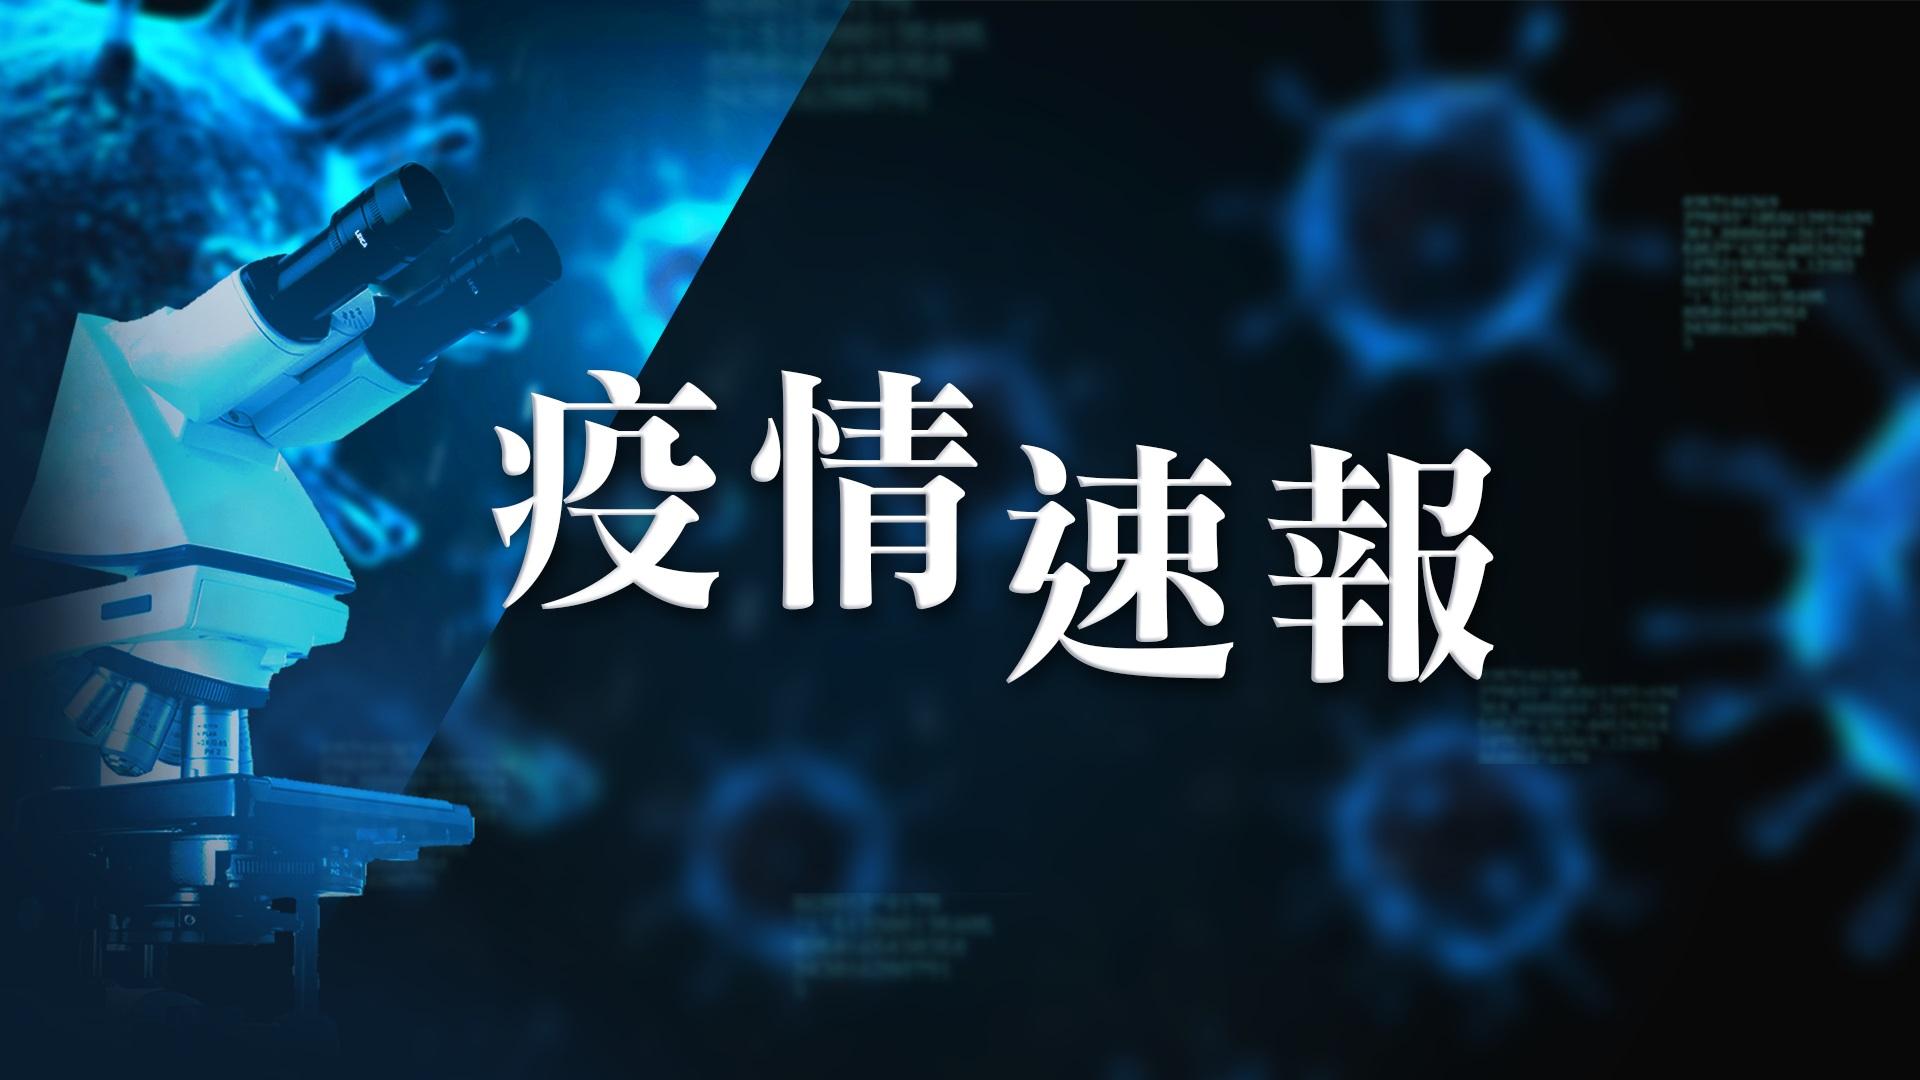 【7月6日疫情速報】(10:40)